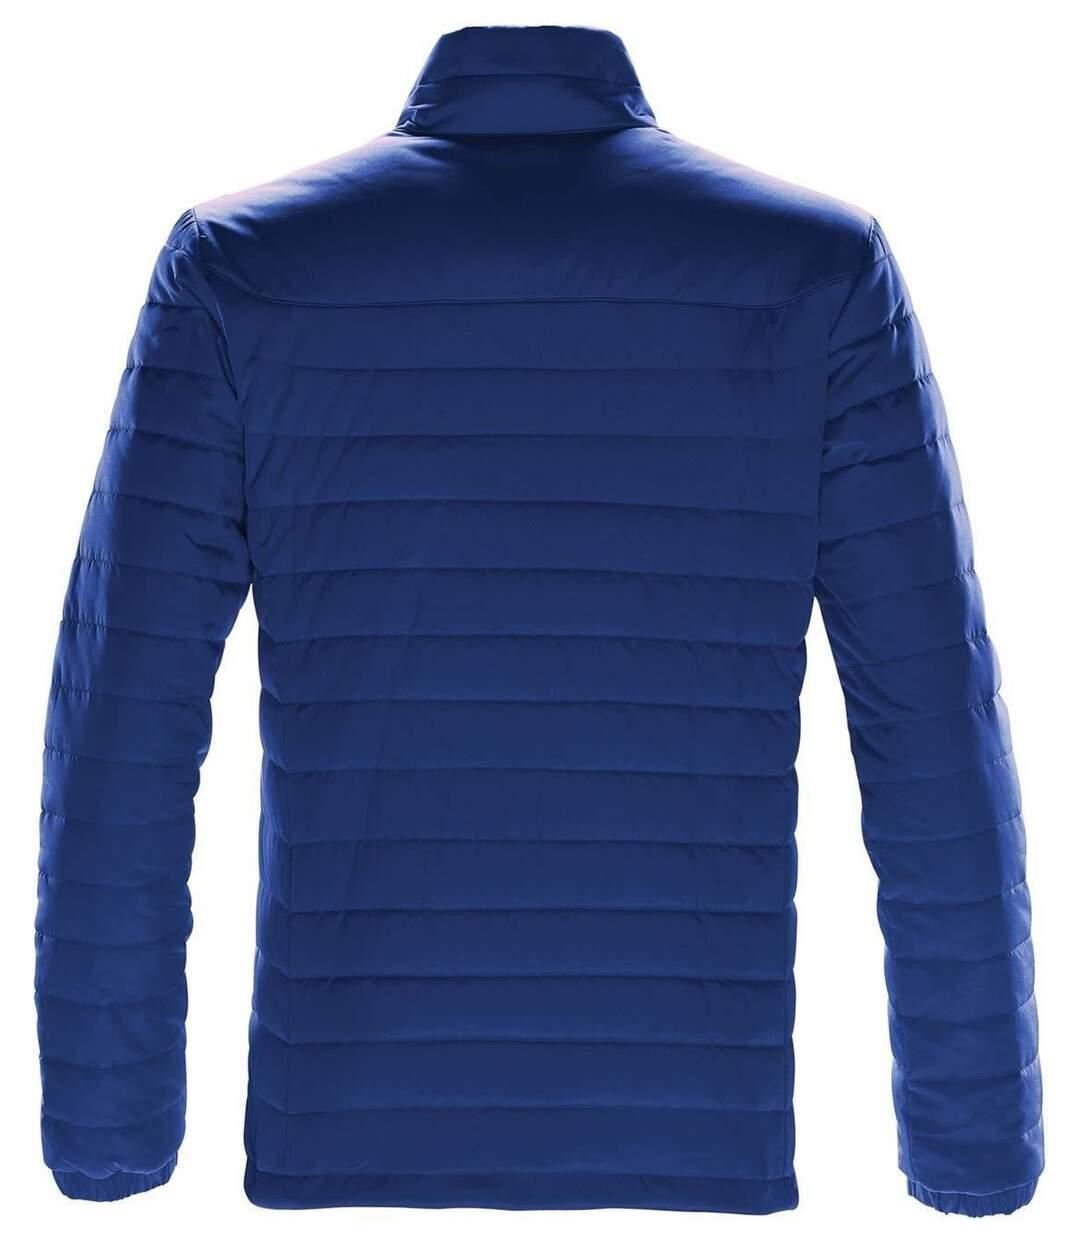 Doudoune légère homme - NAUTILUS QX-1 bleu roi